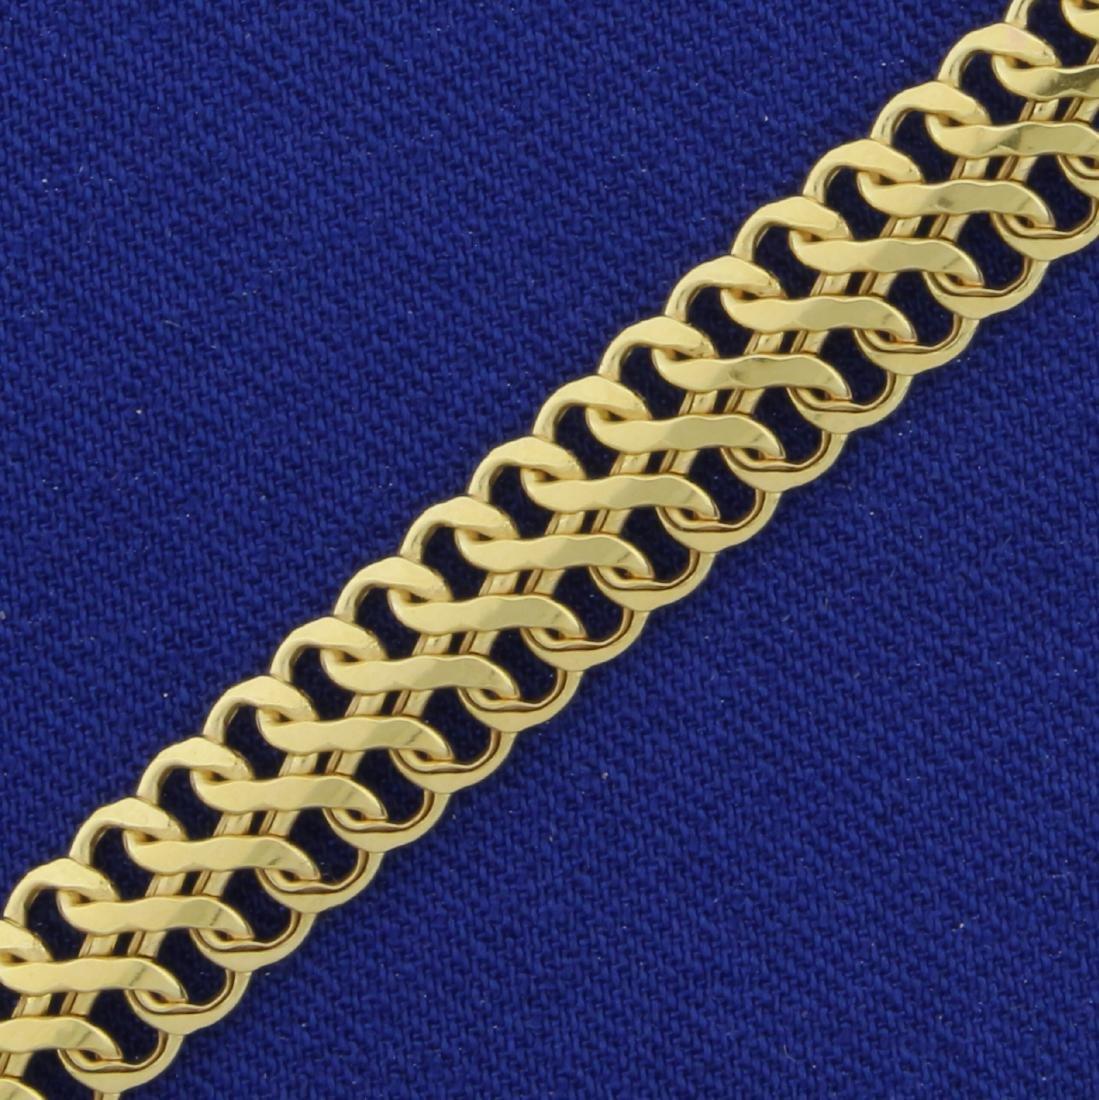 7 Inch Double Flat Infinity Link Bracelet in 10K Yellow - 2